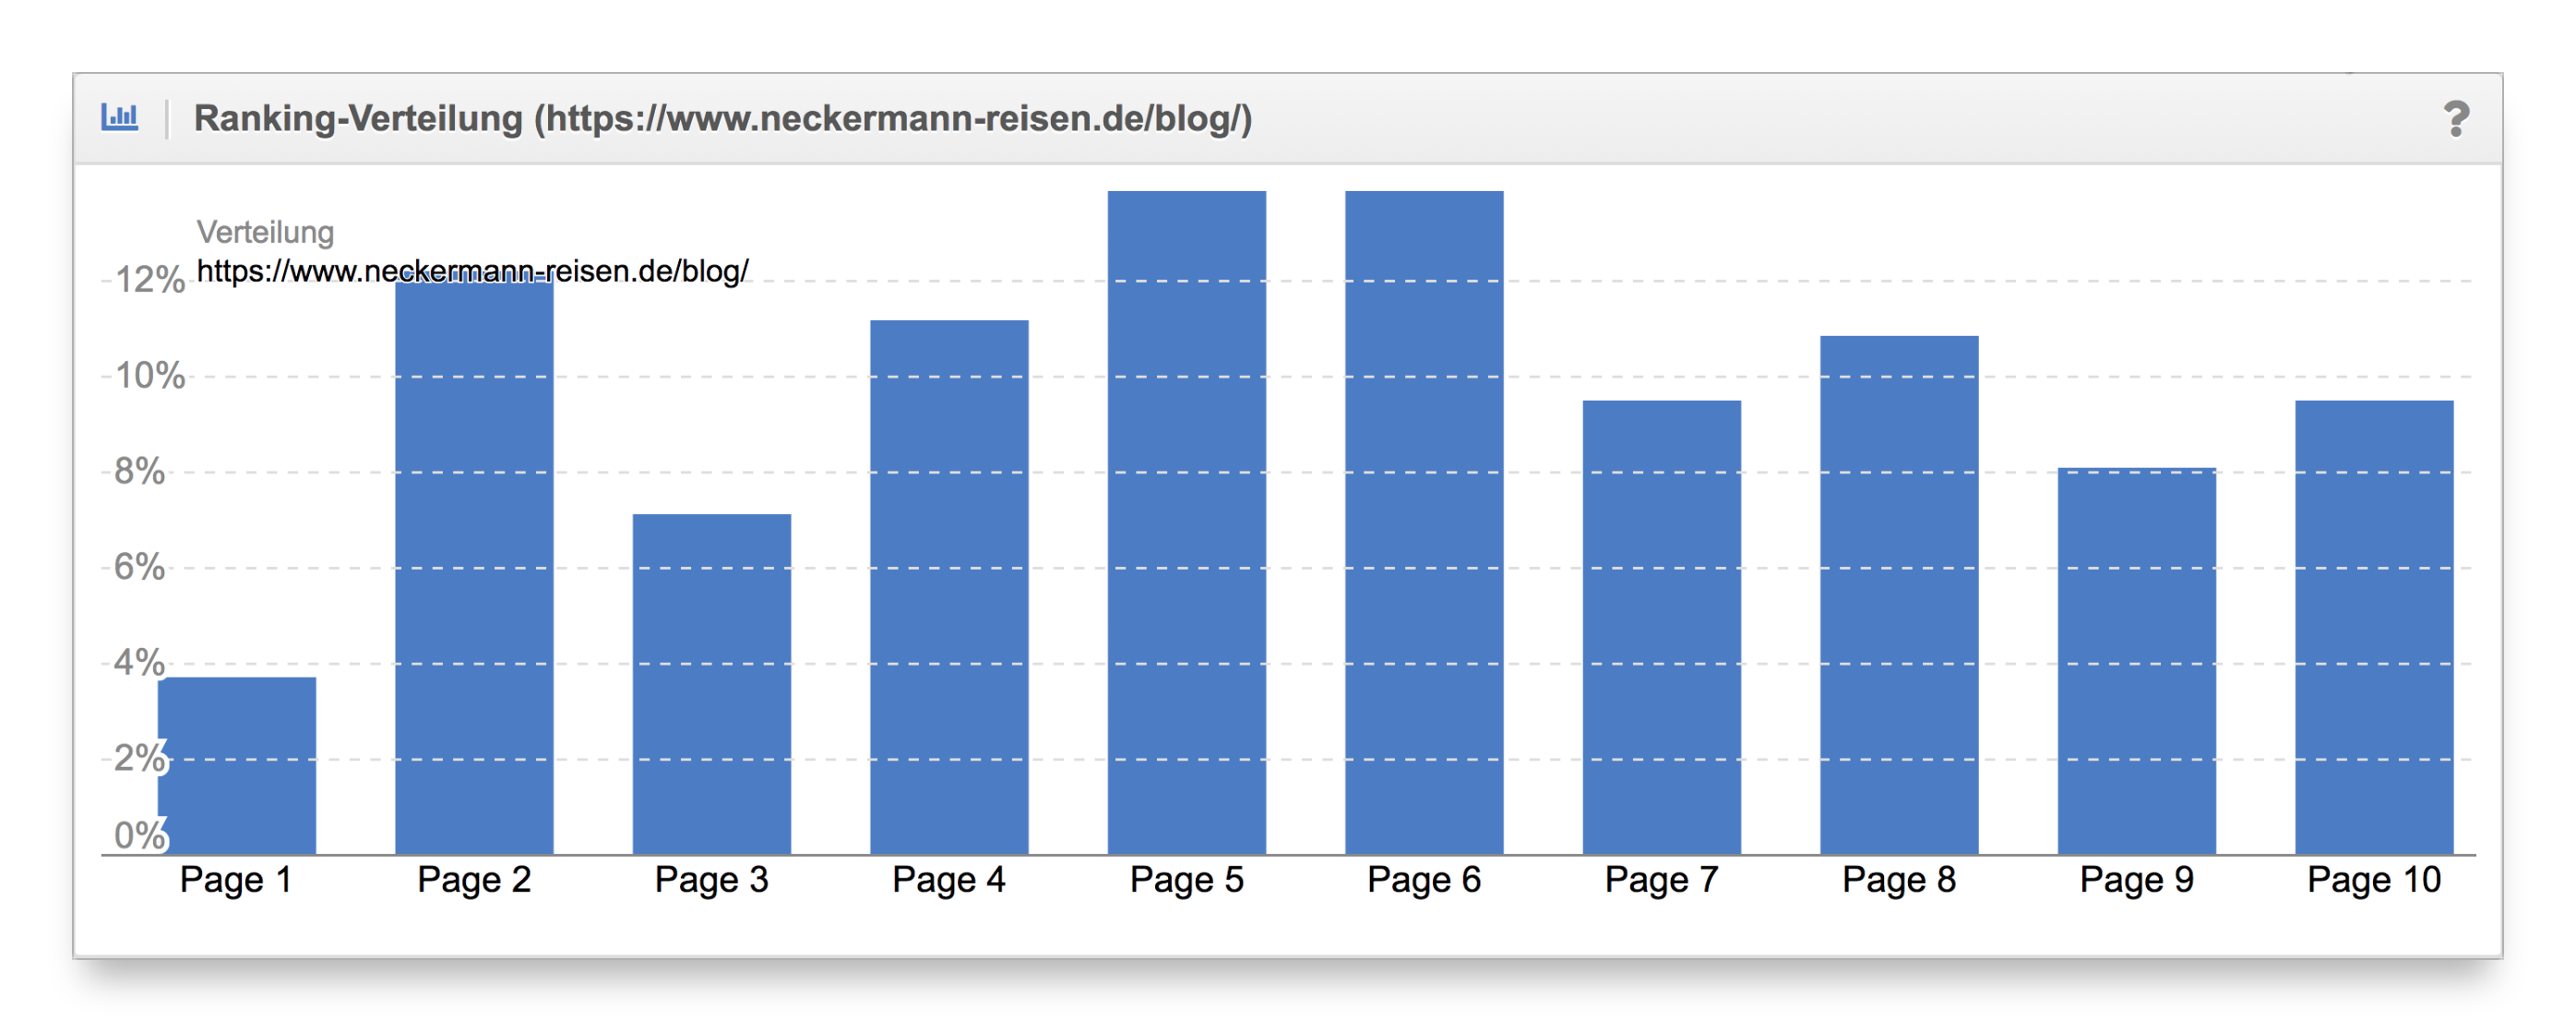 Vergleich Ranking-Verteilung Content-Formate neckermann.de